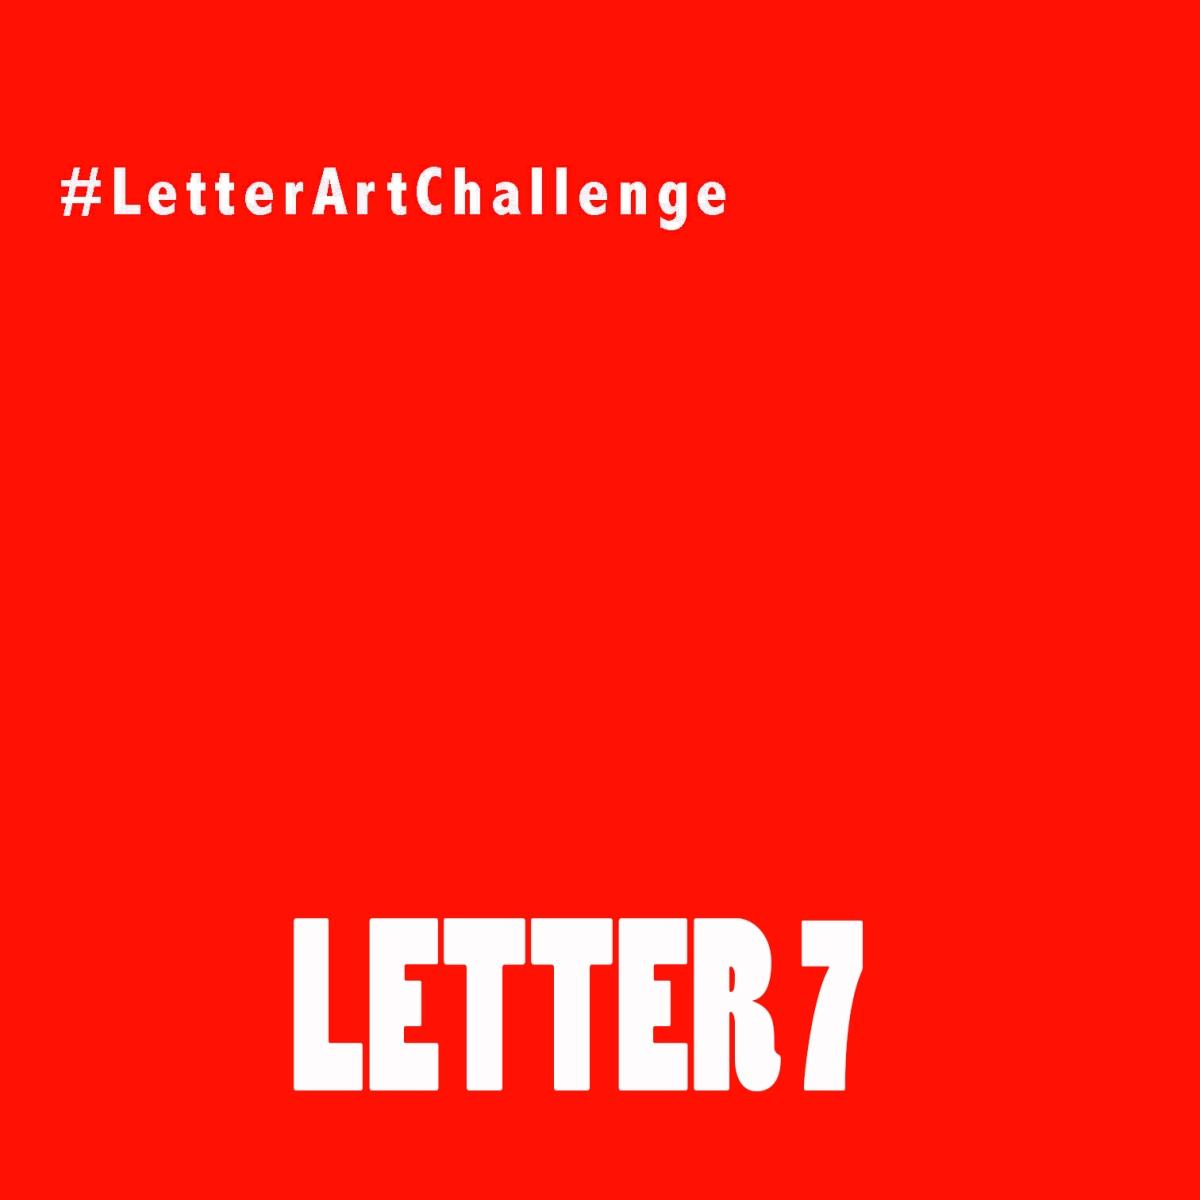 Letter Art Challenge - Letter 7